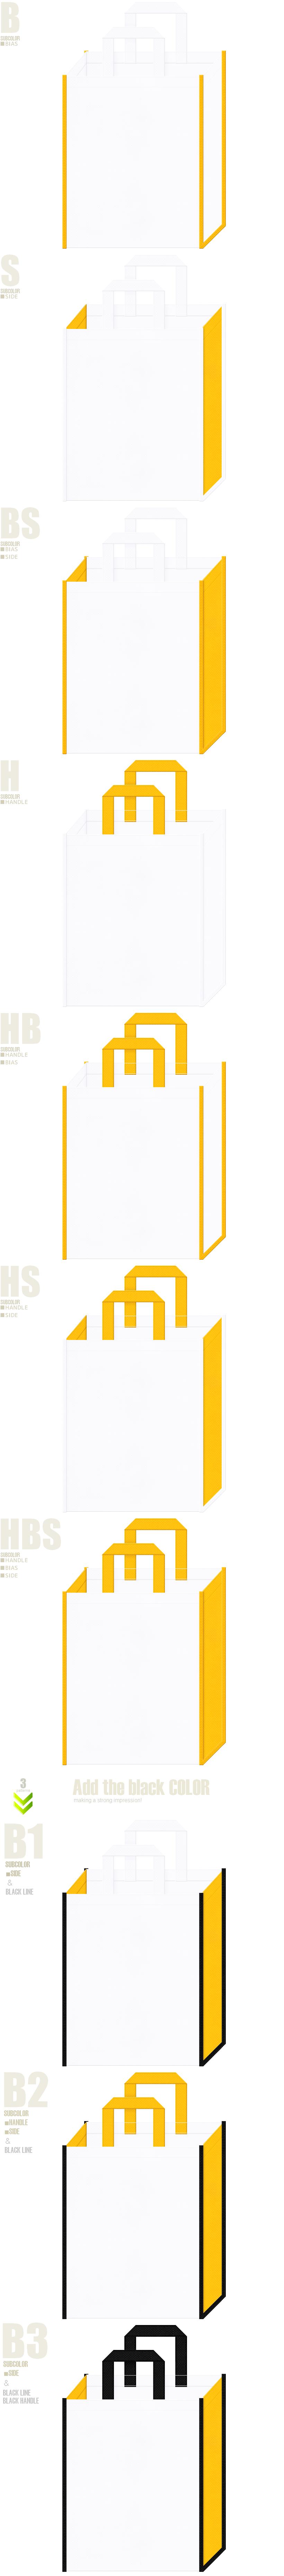 レモン・ビタミン・サプリメント・たまご・交通安全・キッズイベント・電気・通信・エネルギー・学校・学園・オープンキャンパスにお奨めの不織布バッグデザイン:白色と黄色のコーデ10パターン